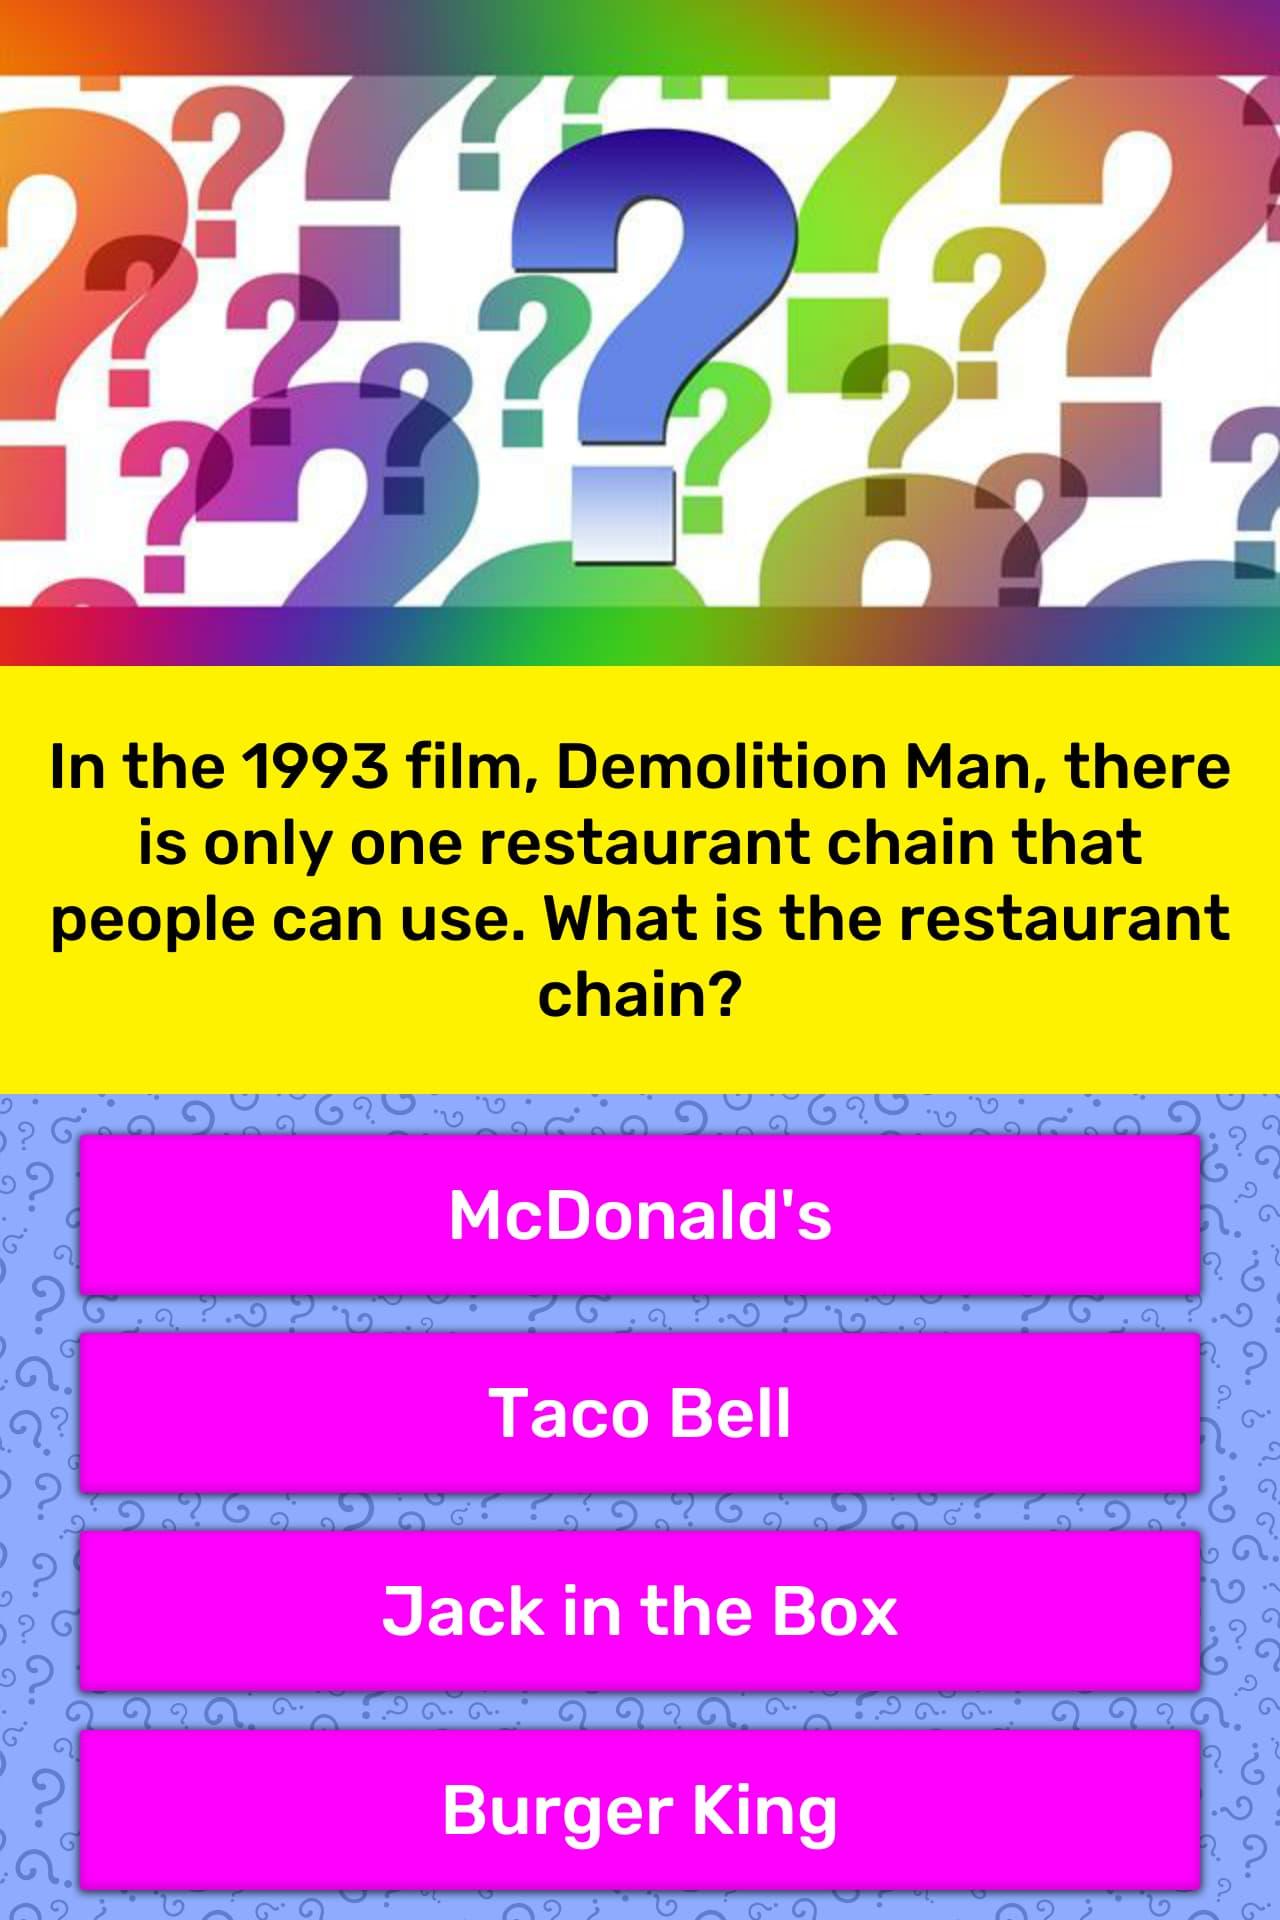 In The Film Demolition Man